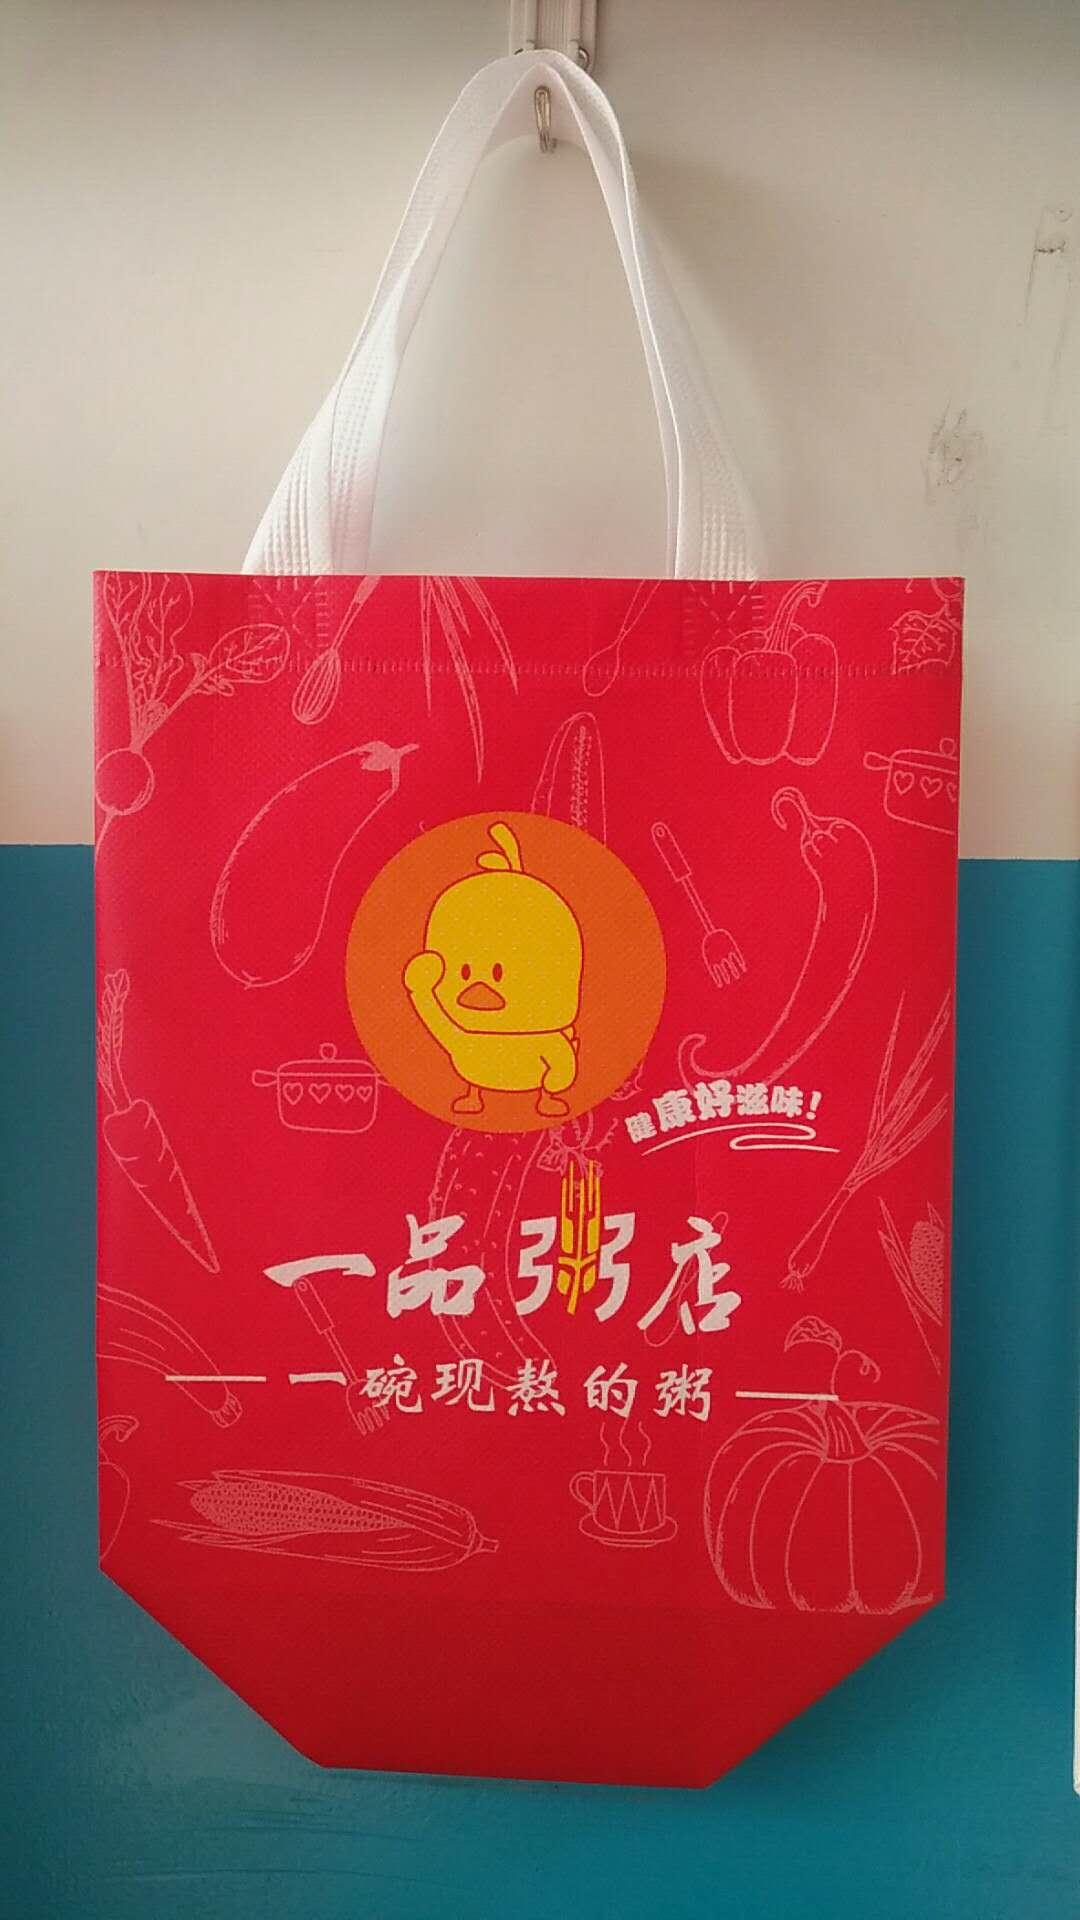 石家庄打包袋印刷|保定价格优惠的外卖打包袋供应